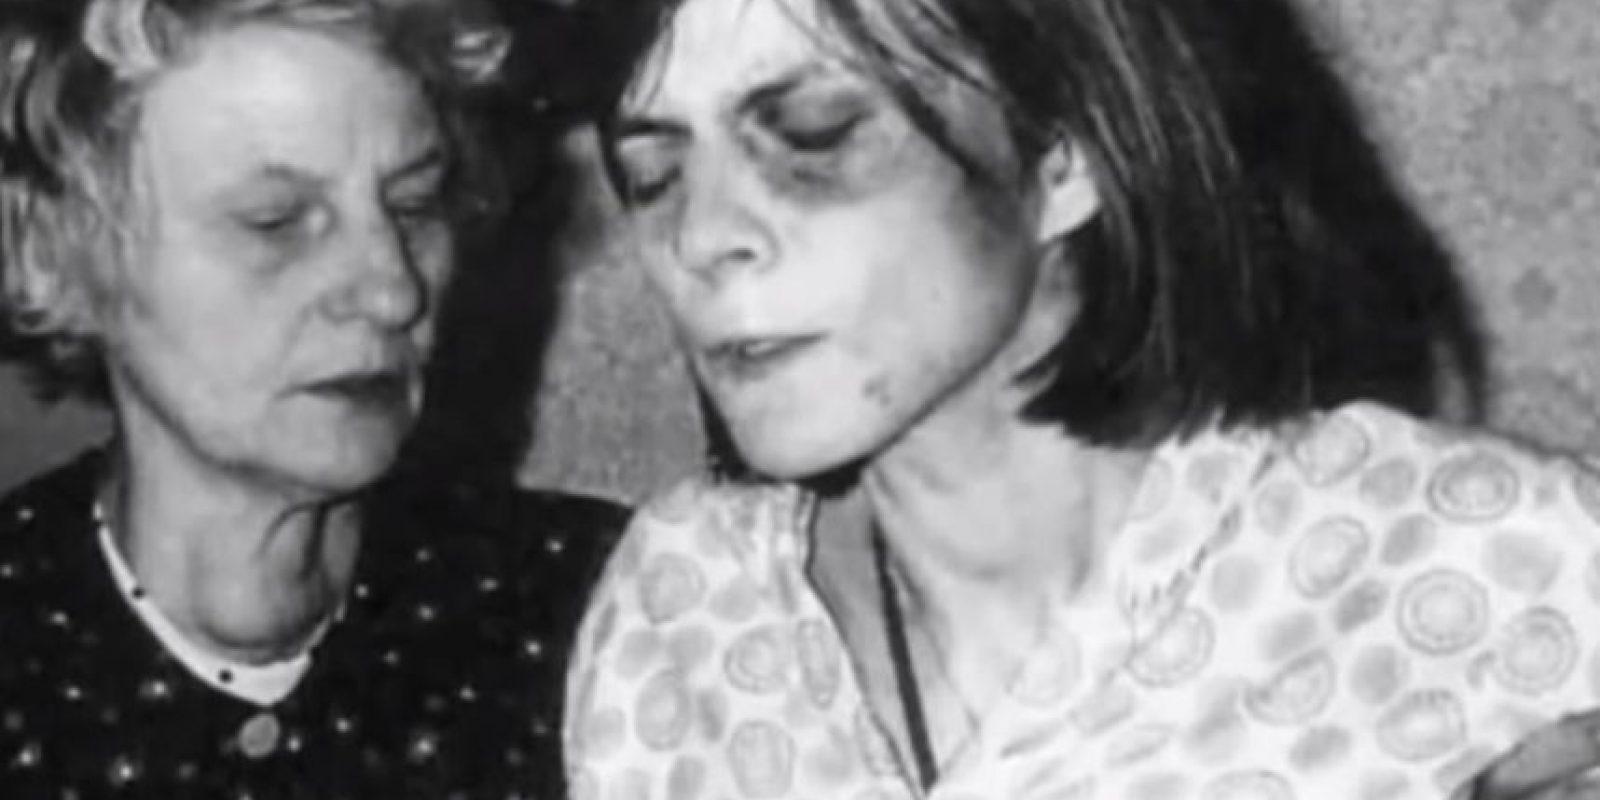 La joven sufría de epilepsia y depresión, pasó unos meses en un siquiátrico Foto:IMDB